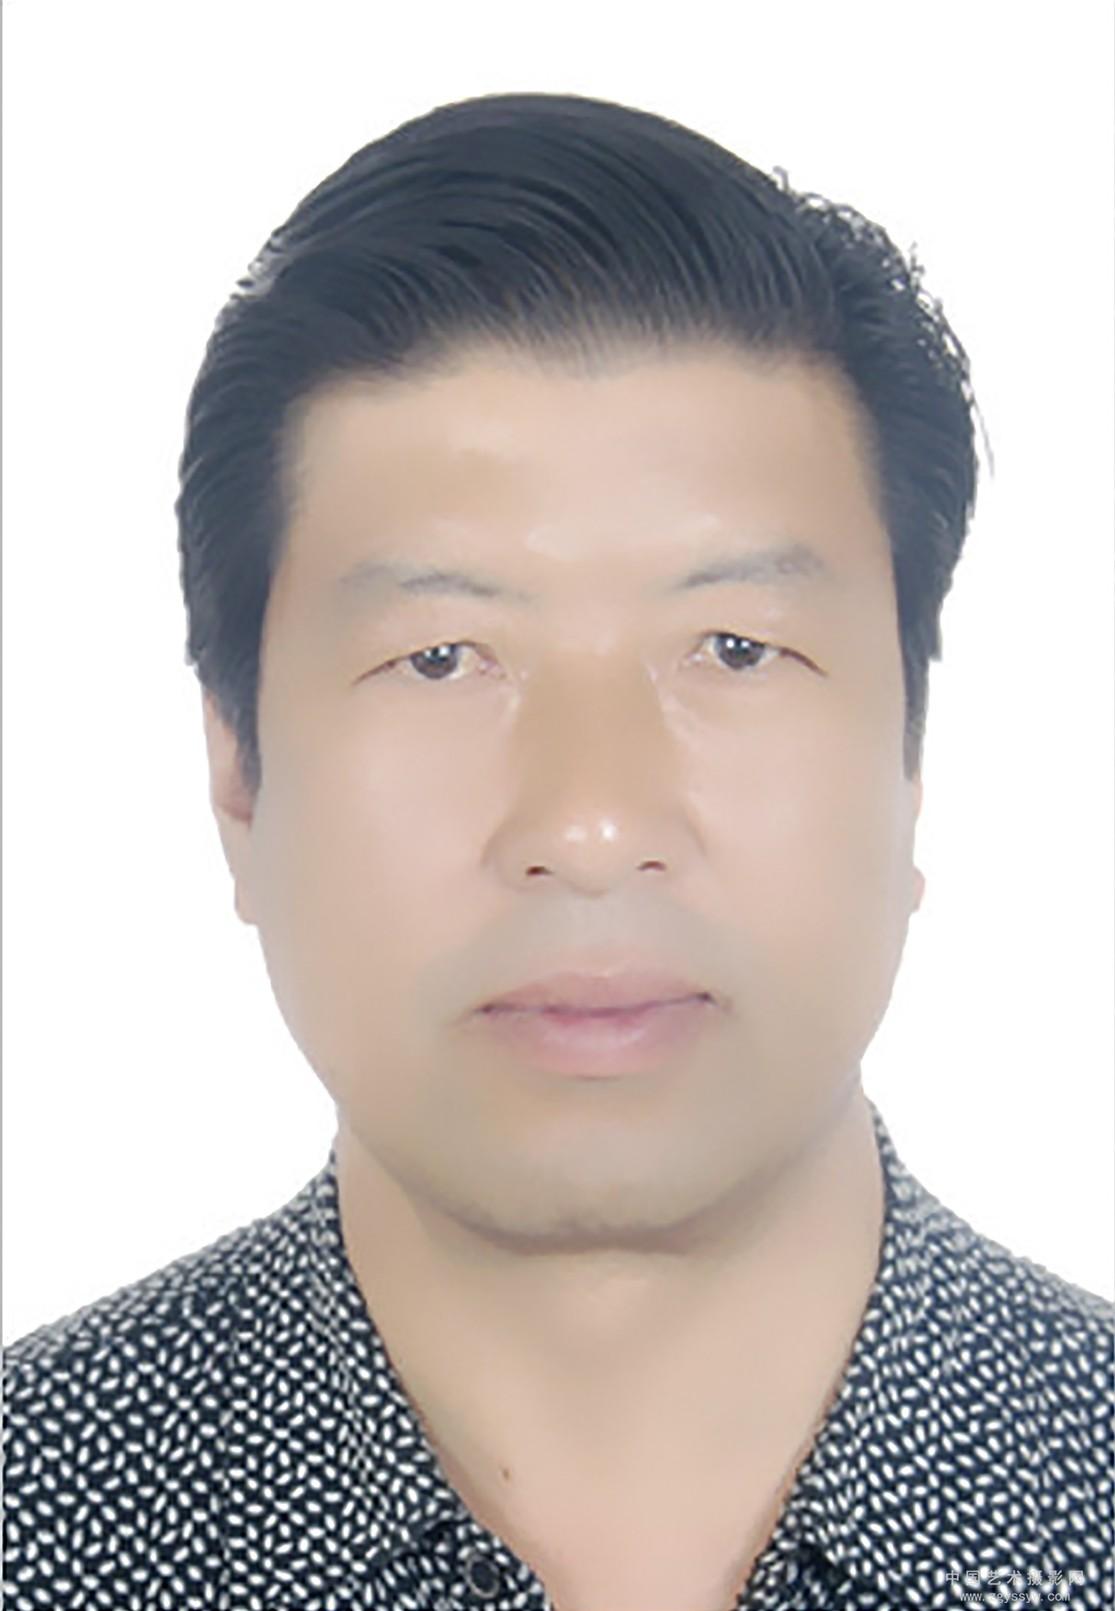 王占奎个人摄影作品